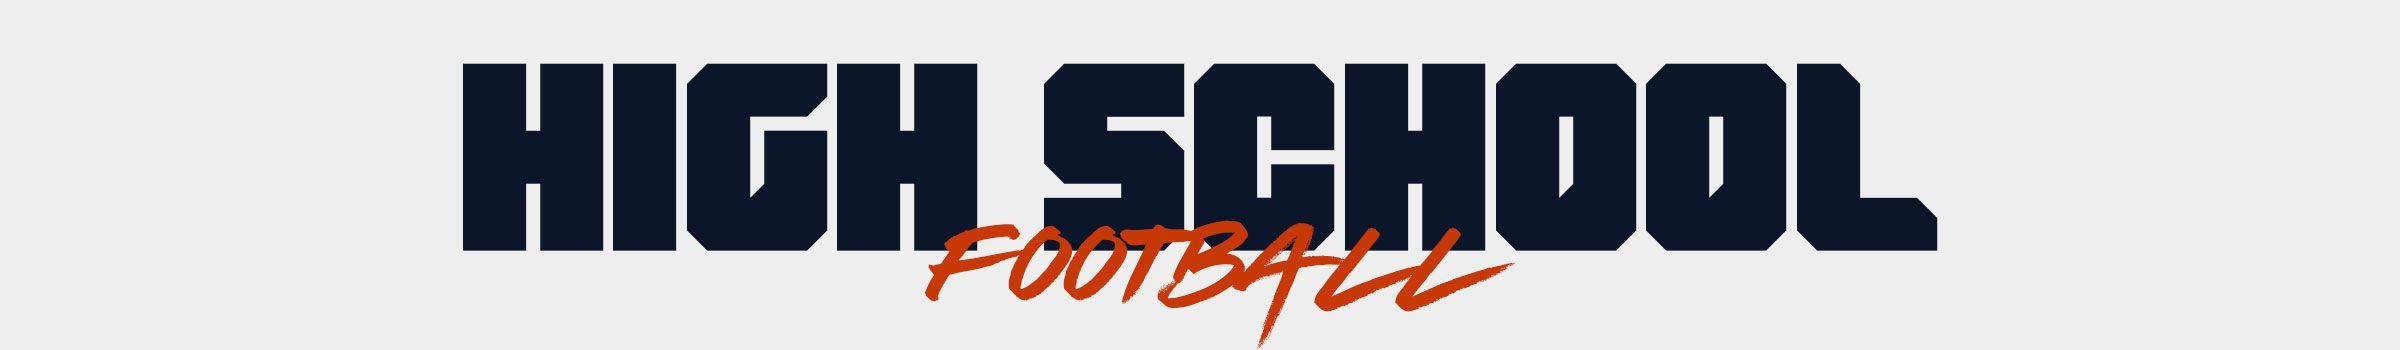 highschoolfootball-header-0319